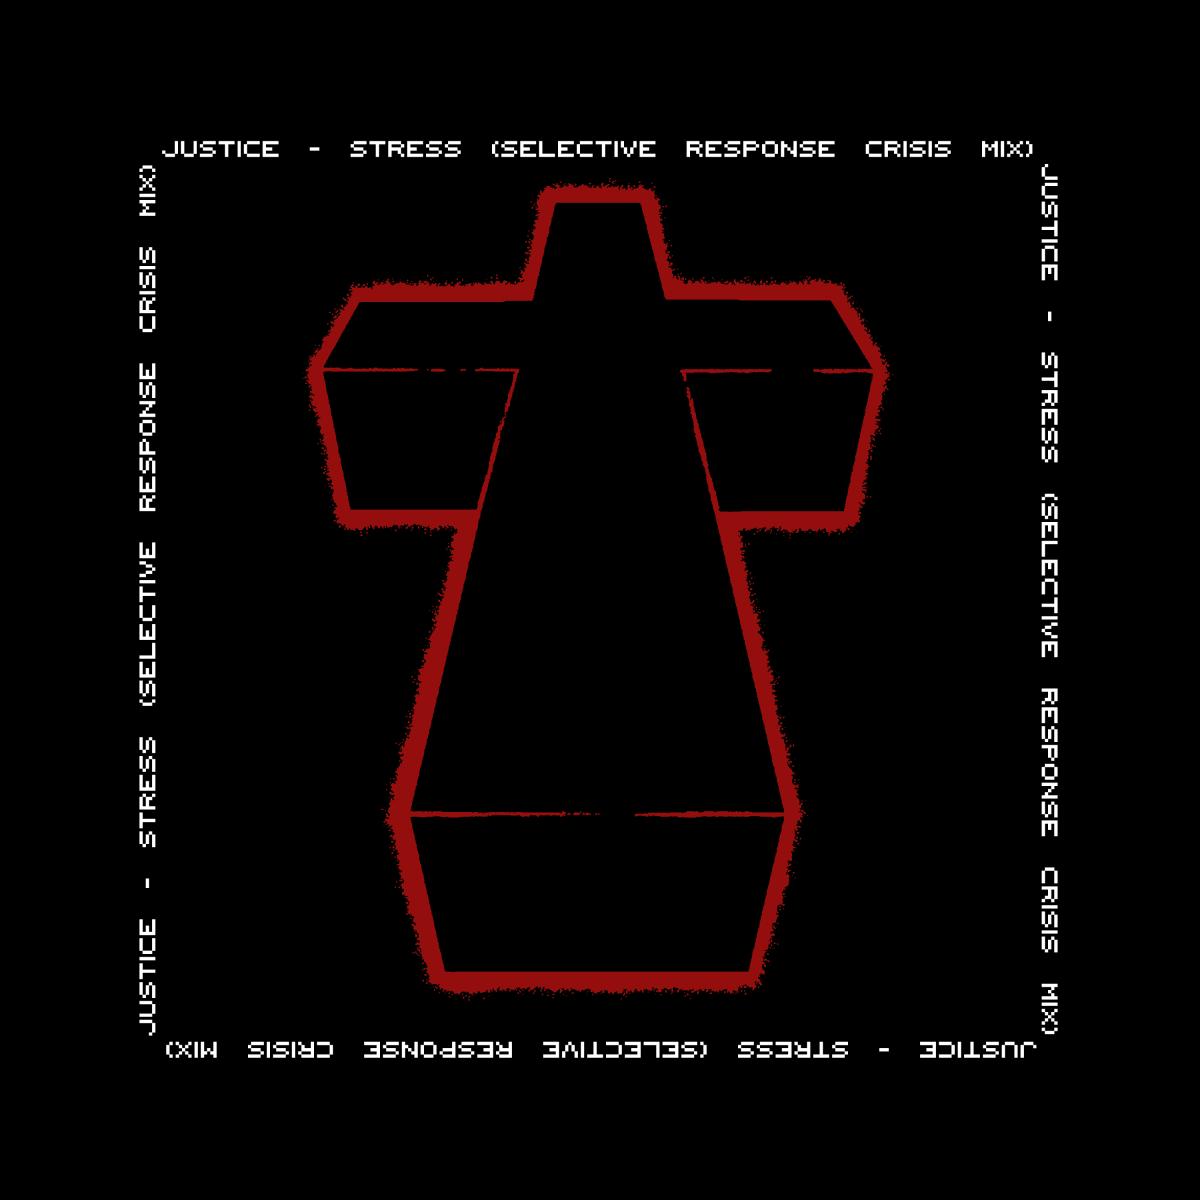 Justice - Stress (Selective Response Crisis Mix)